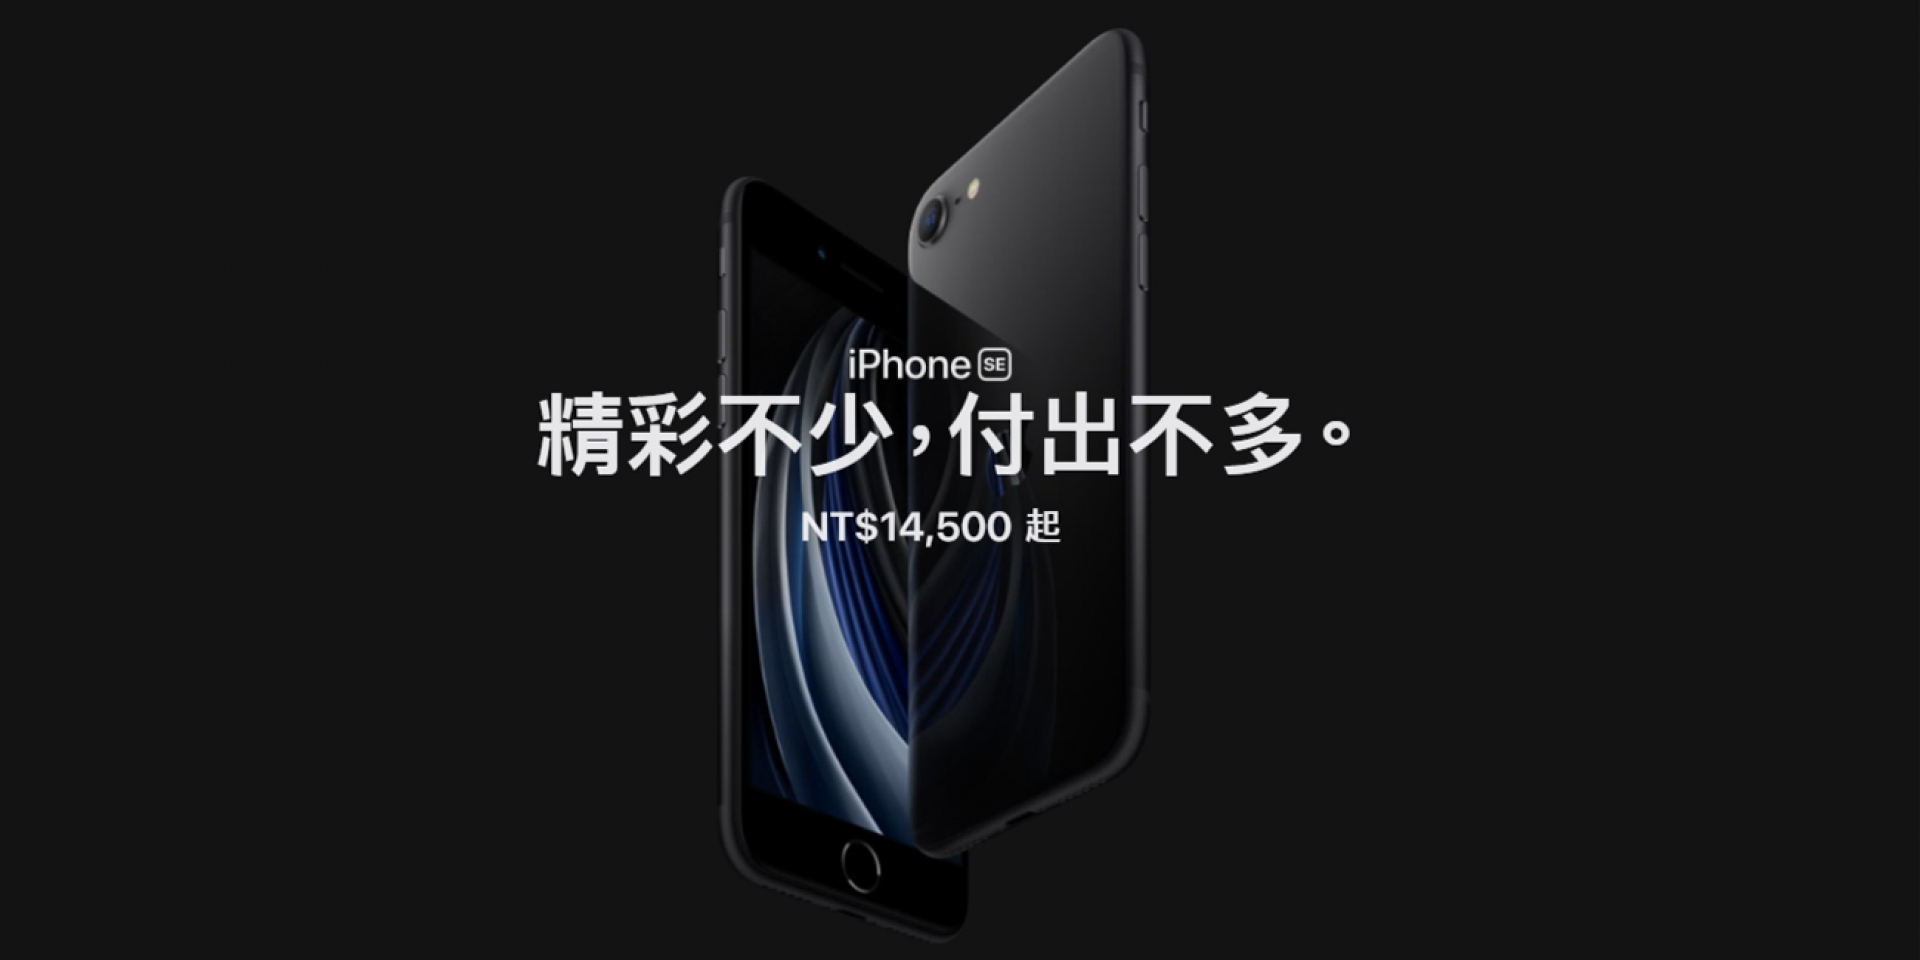 漫長等待結束,APPLE iPhone SE 14,500元起發表上市!